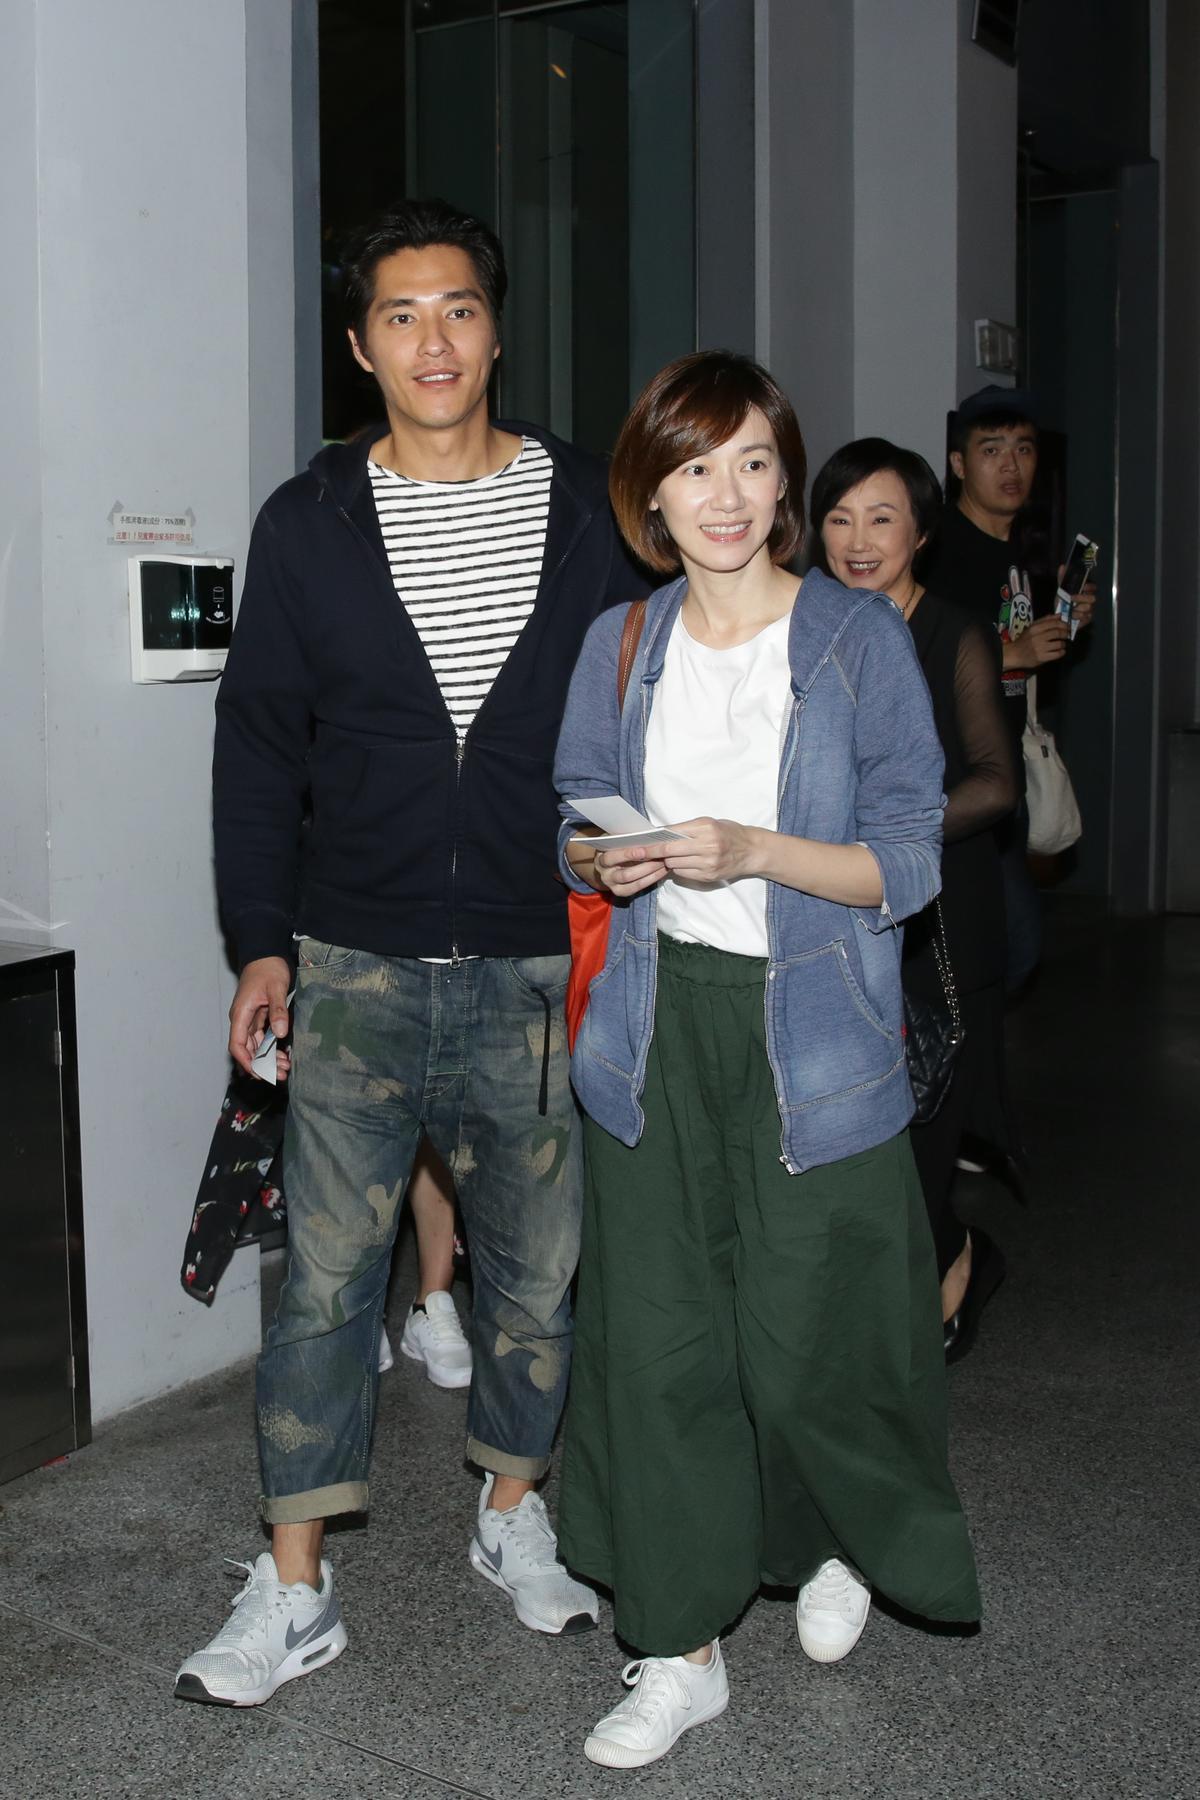 藍正龍首次轉戰幕後工作,就是為《順雲》擔任副導,他這晚也帶著太太周幼婷前來參加首映會。